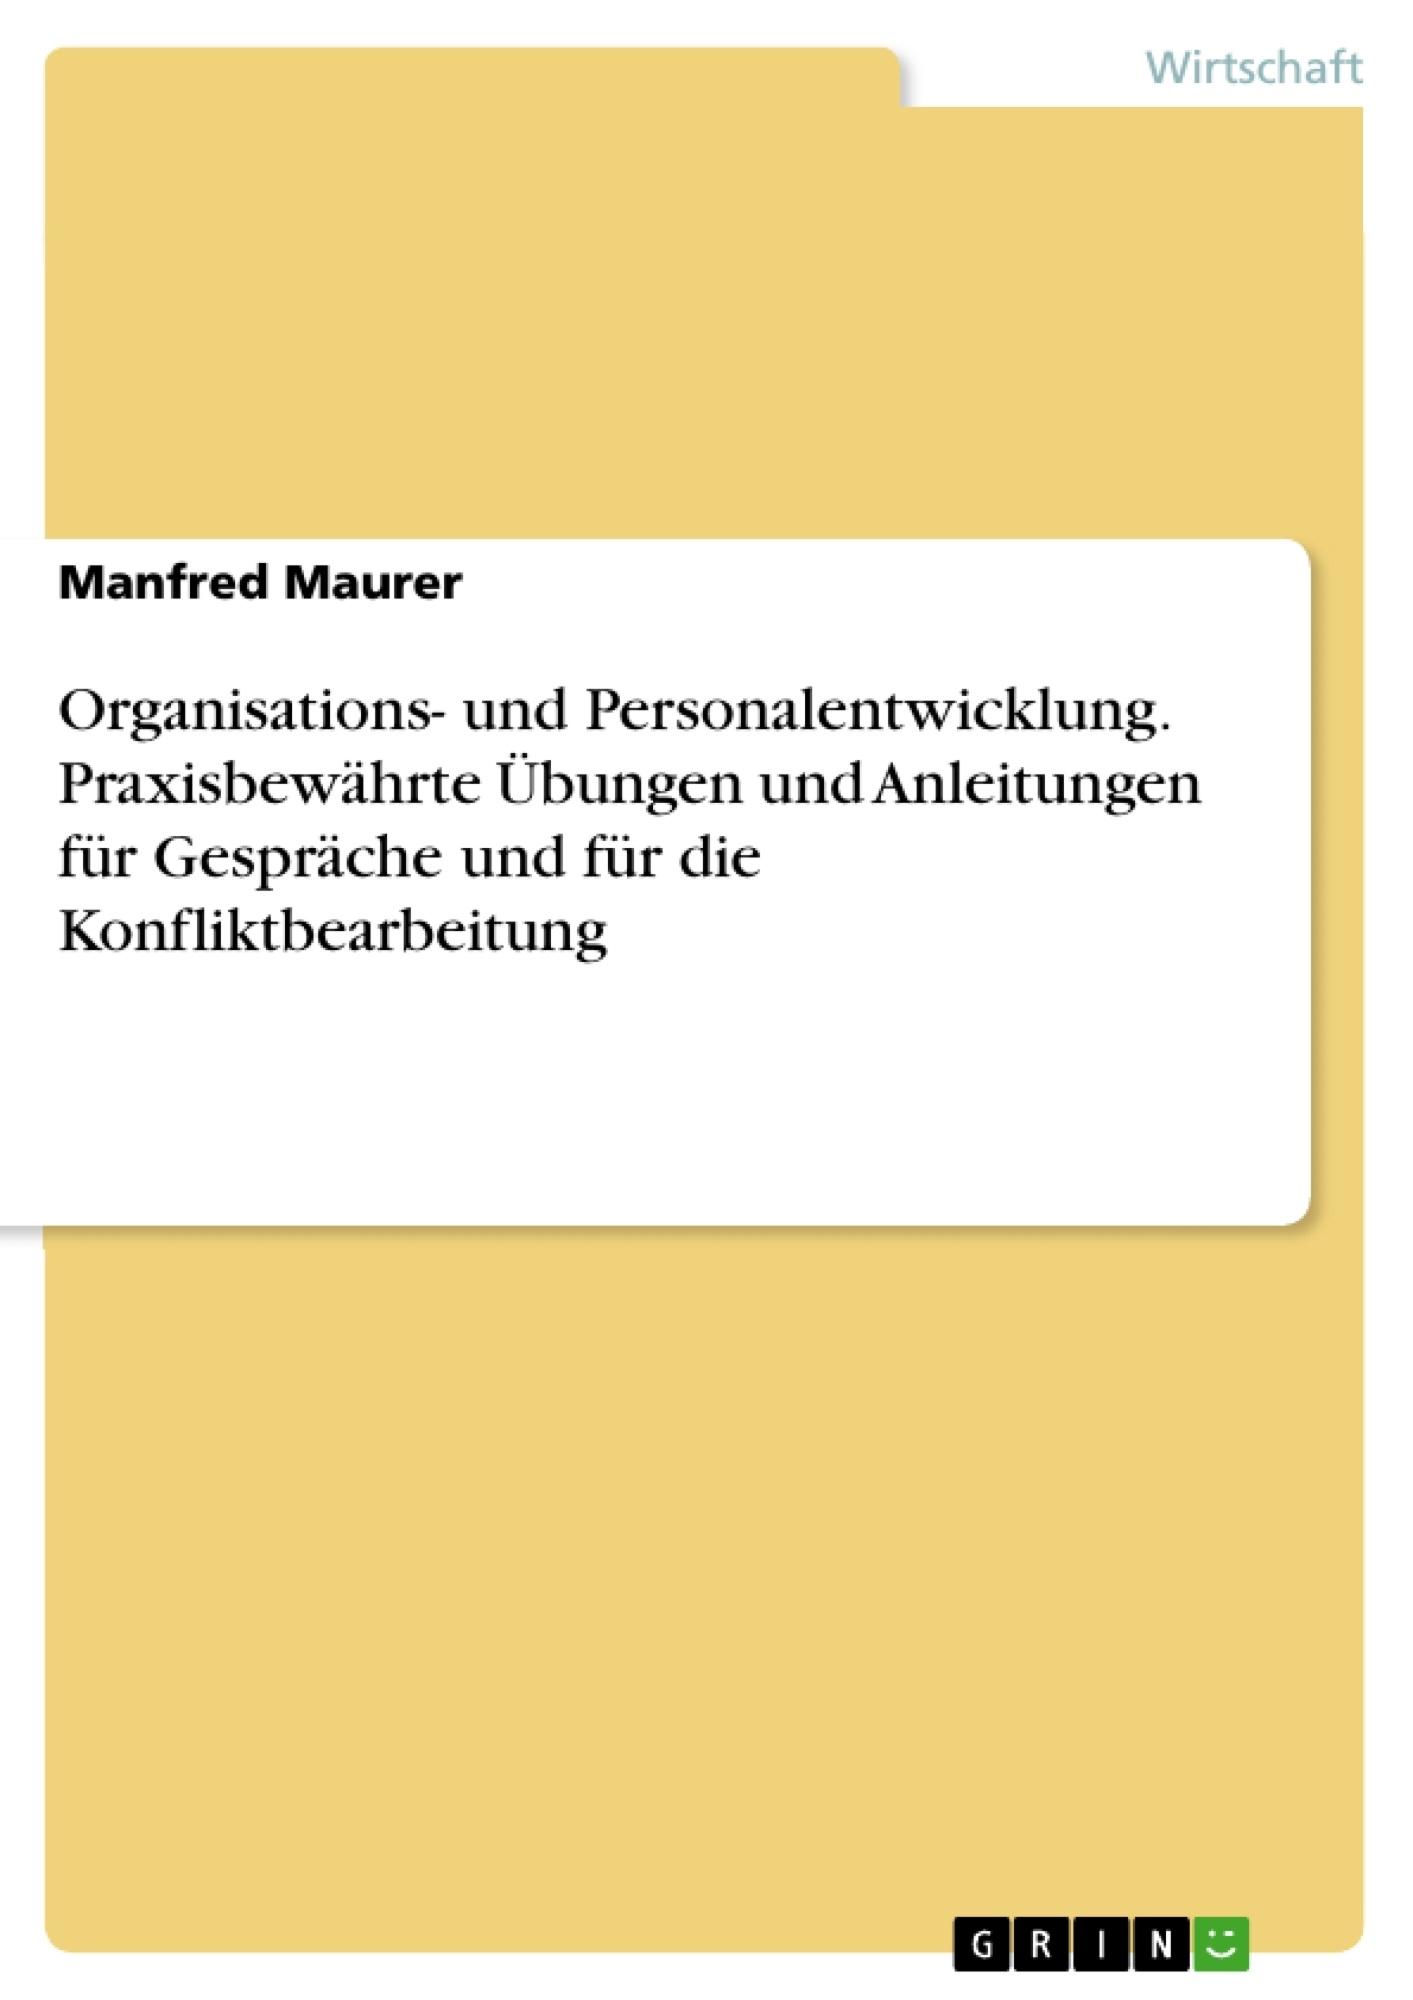 Titel: Organisations- und Personalentwicklung. Praxisbewährte Übungen und Anleitungen für Gespräche und für die Konfliktbearbeitung